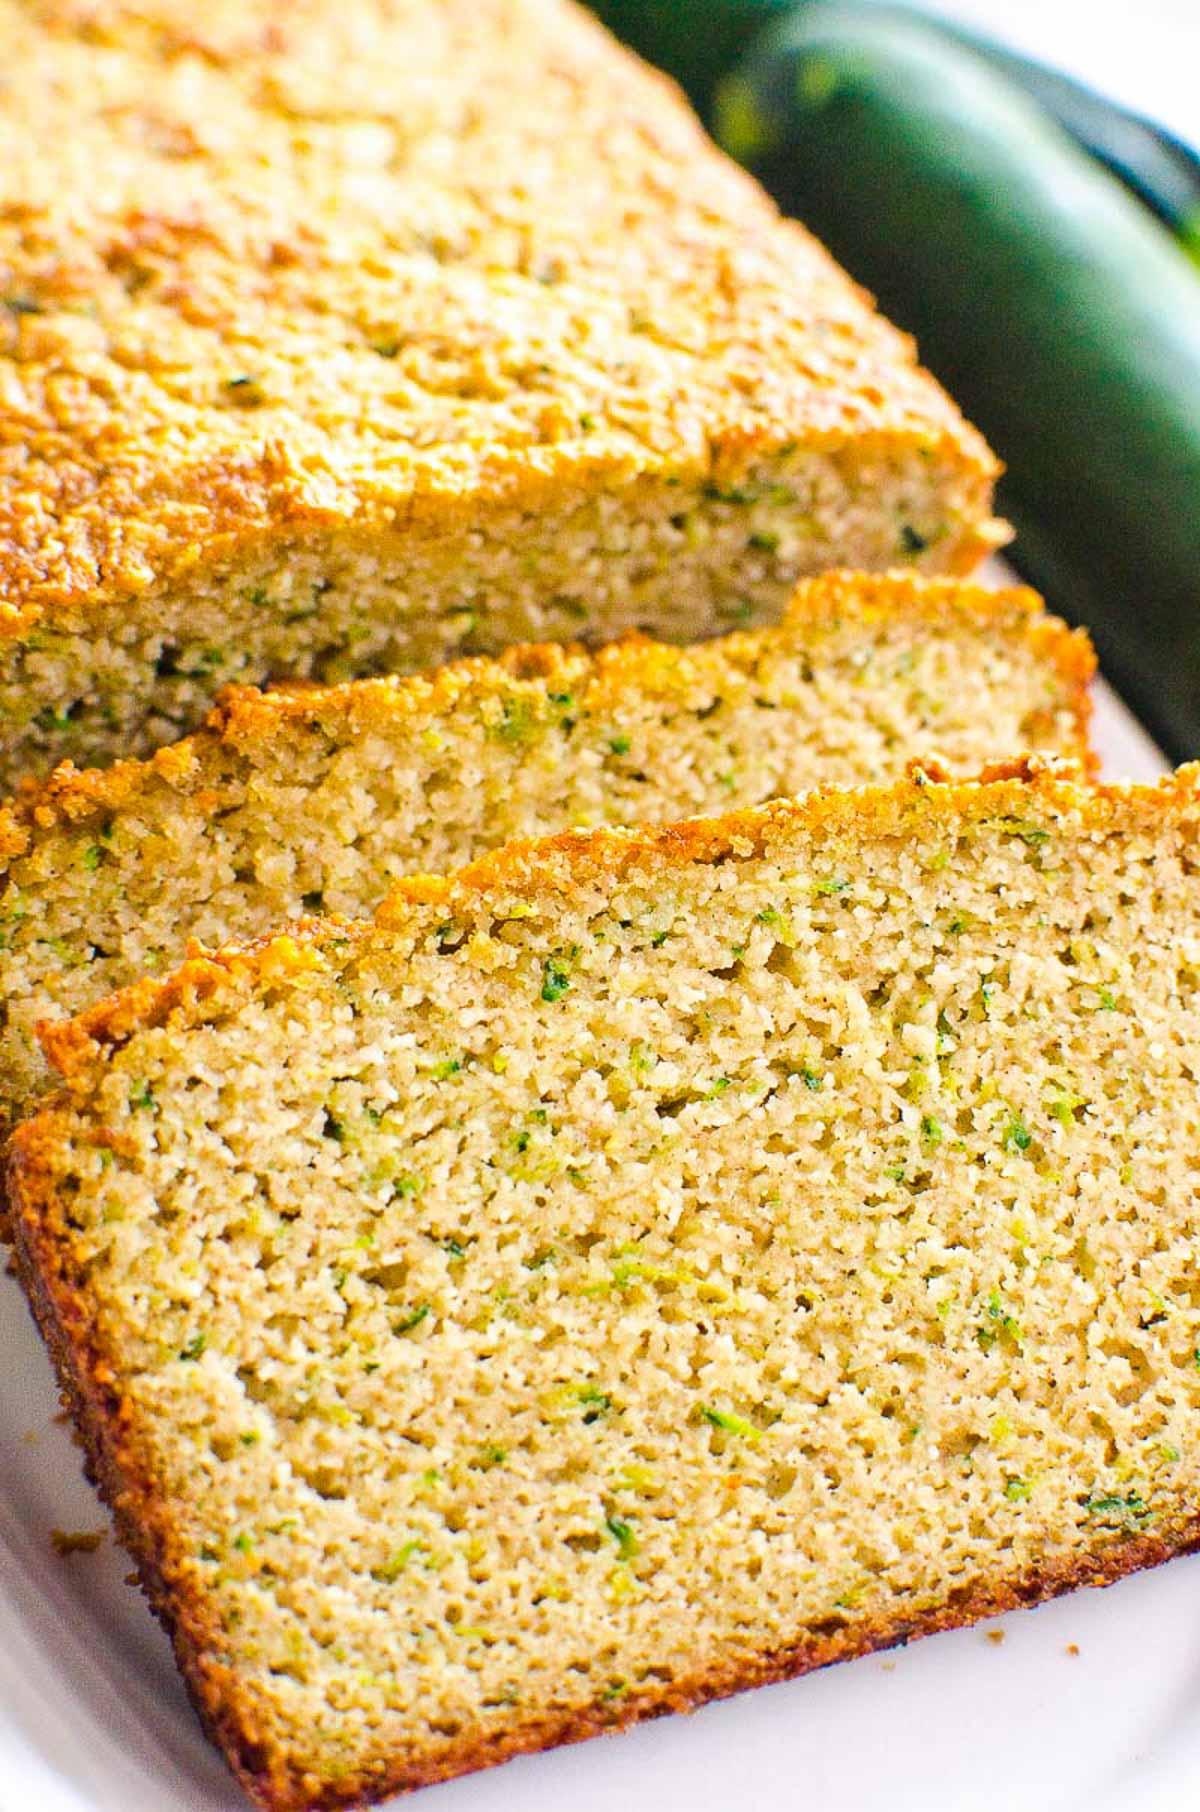 Almond Flour Zucchini Bread slices